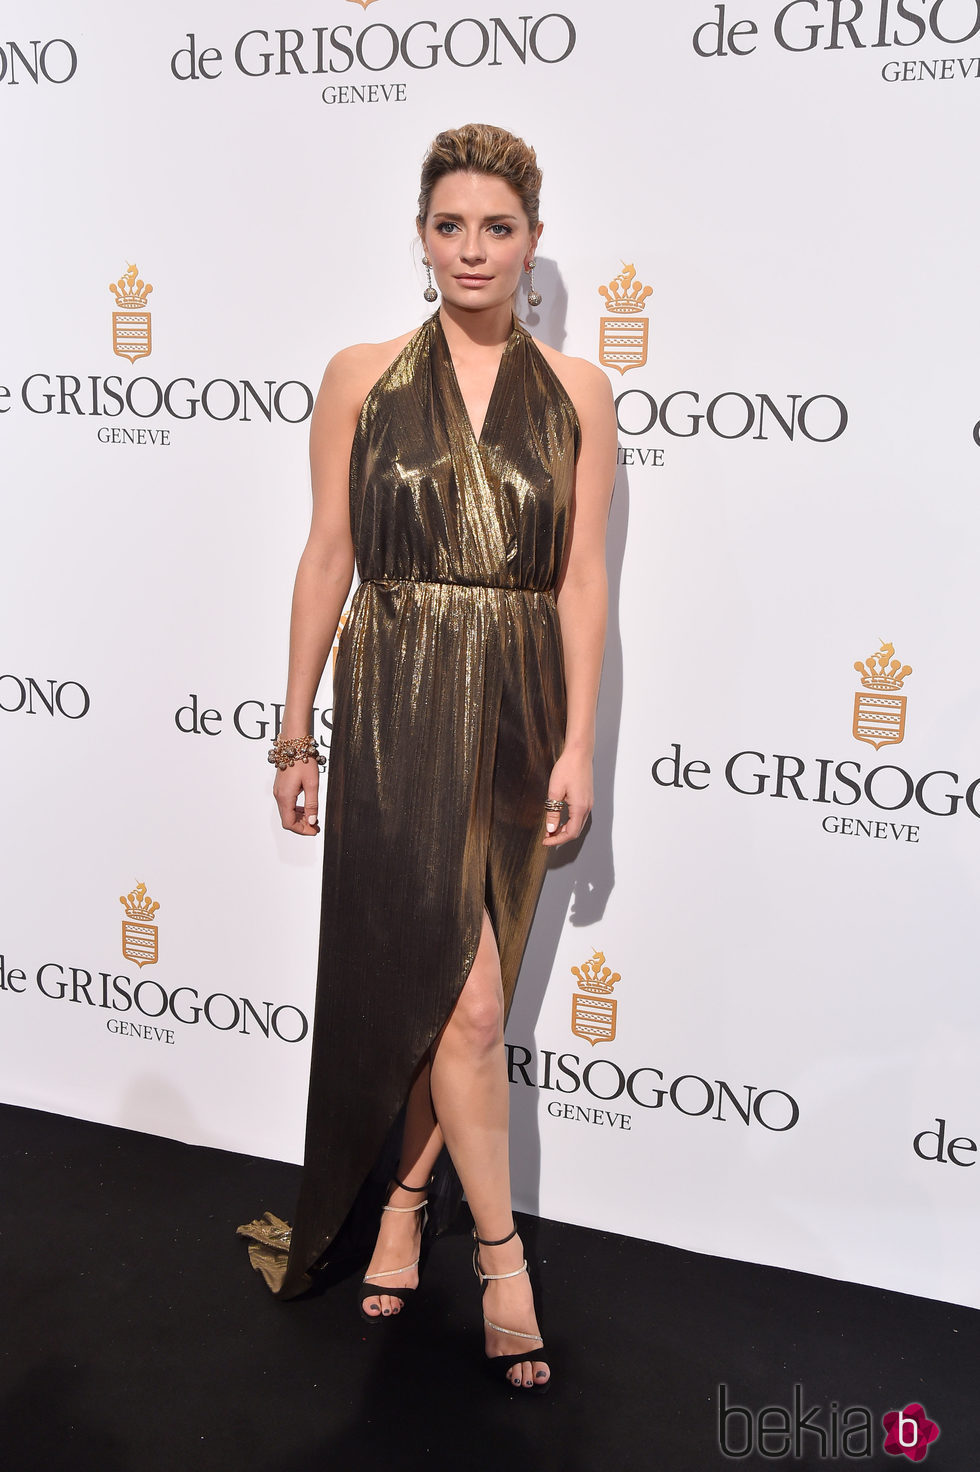 Mischa Barton en la fiesta de Grisogono en el Festival de Cannes 2016